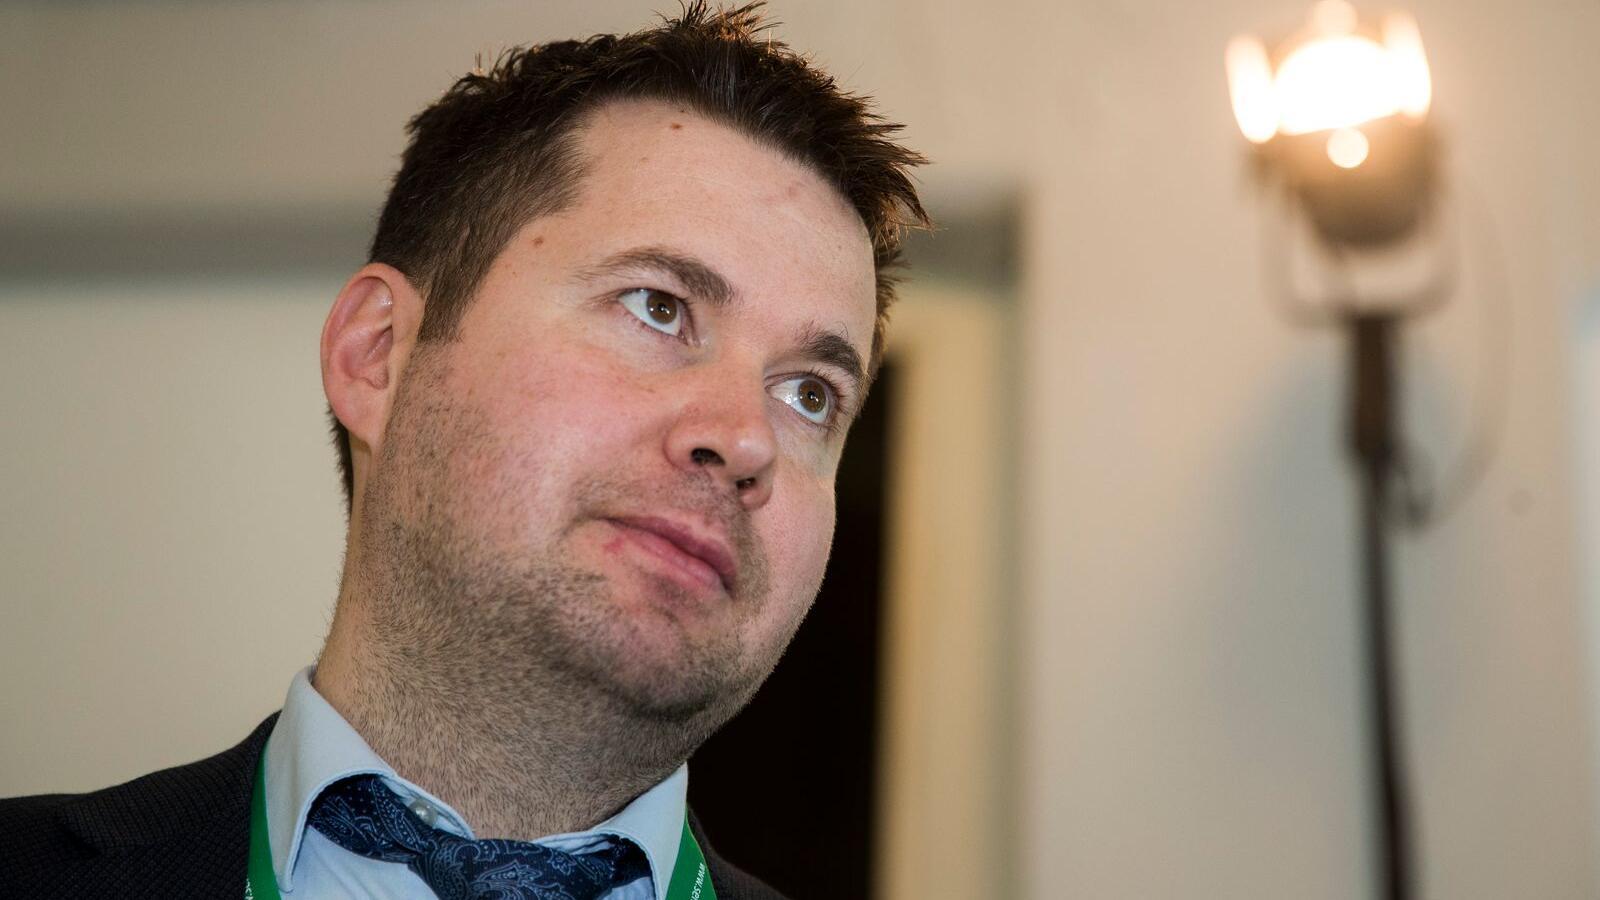 Khair Polstad zou de volgende landbouwminister van het land kunnen worden.  Foto: Derje Peterson / NDP / NPK